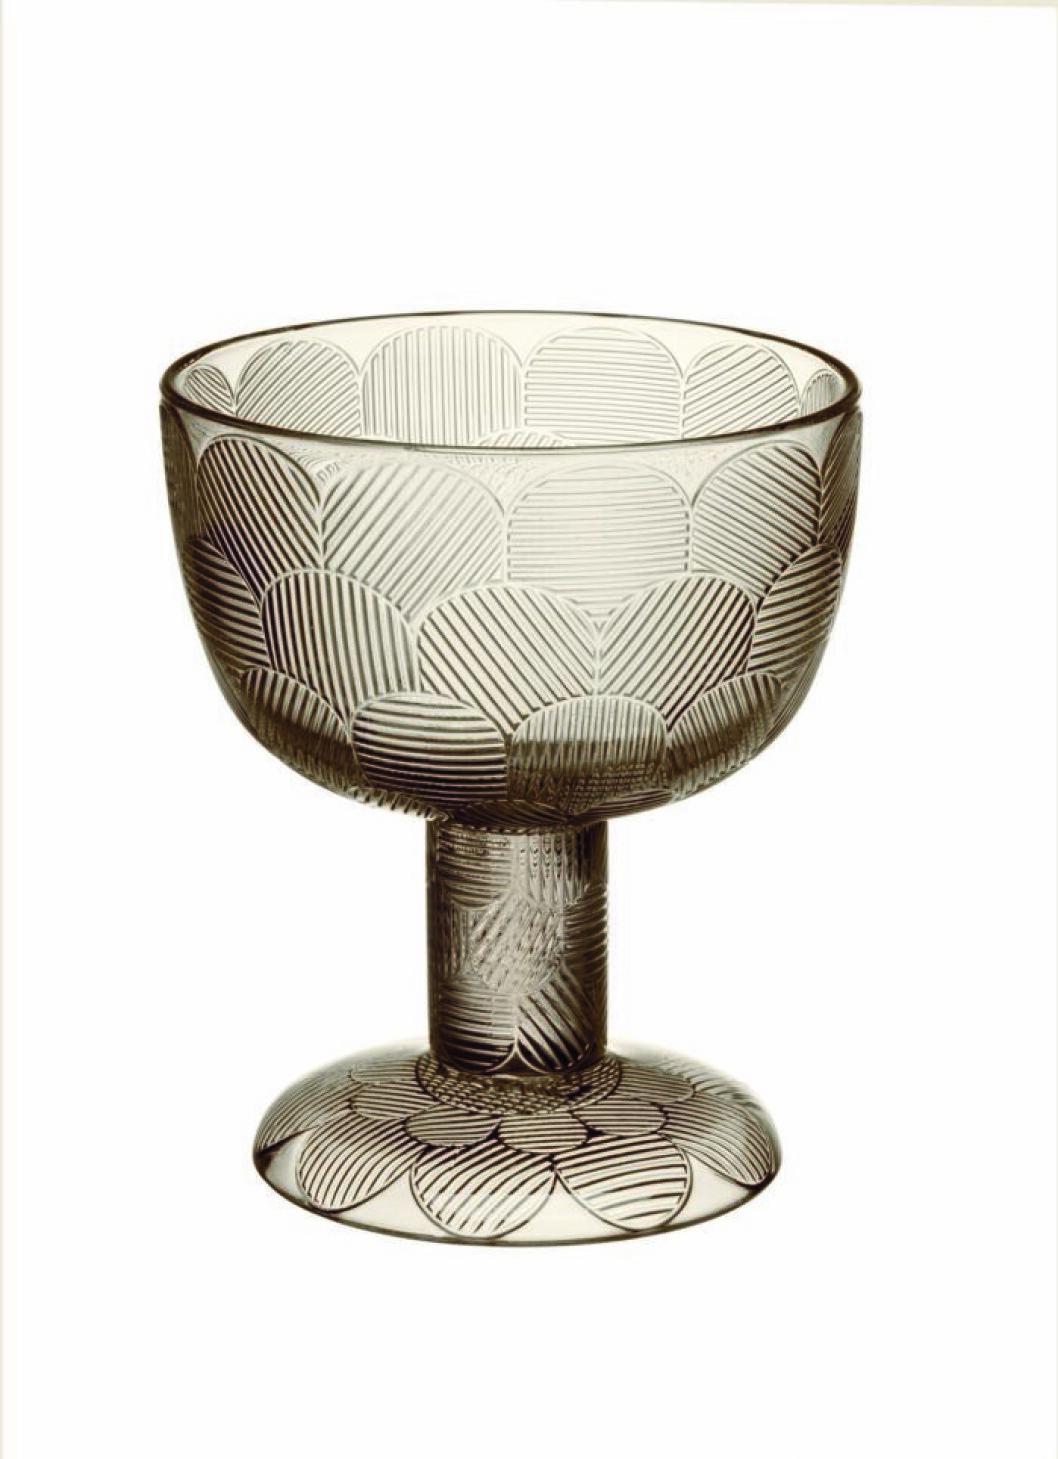 Dessertskålen Miranda från Iittalas serie Linne med iögonfallande mönster och en storlek på 14,5 cm.